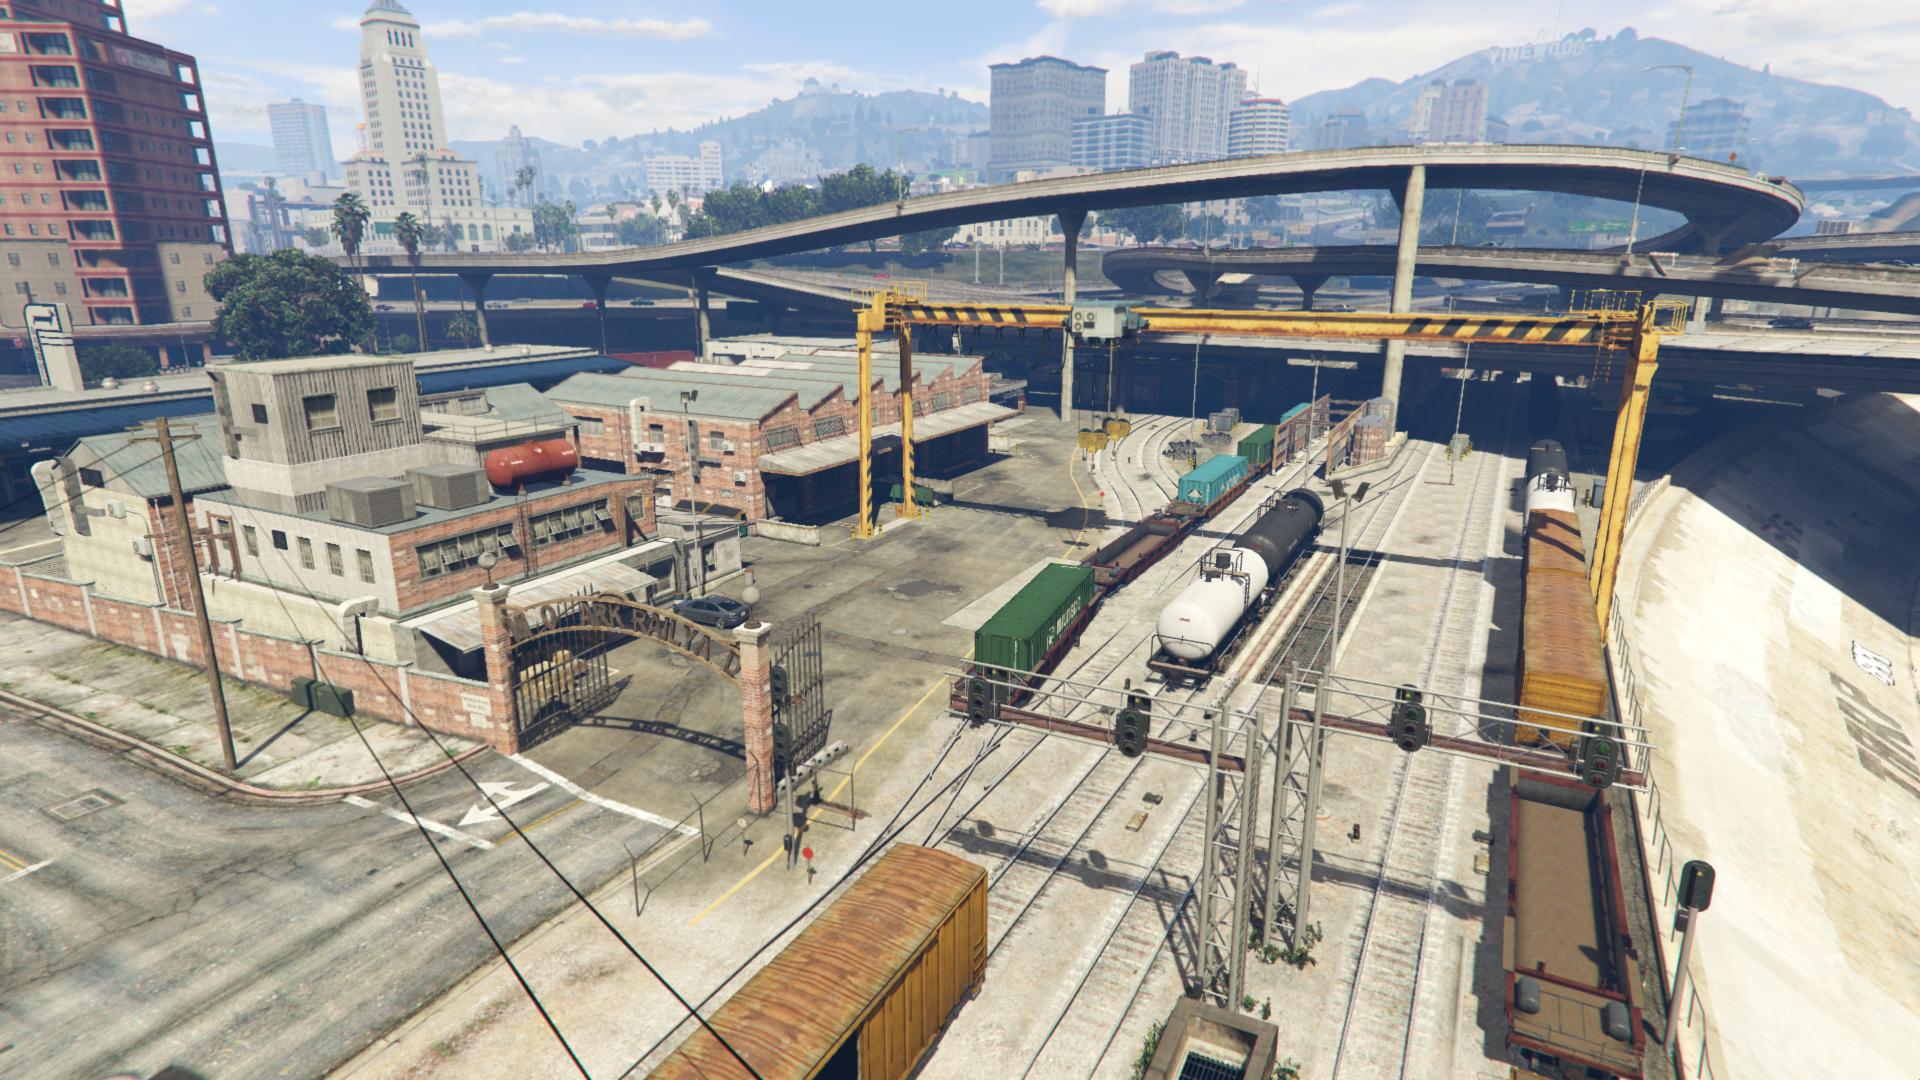 Mirror Park Railyard